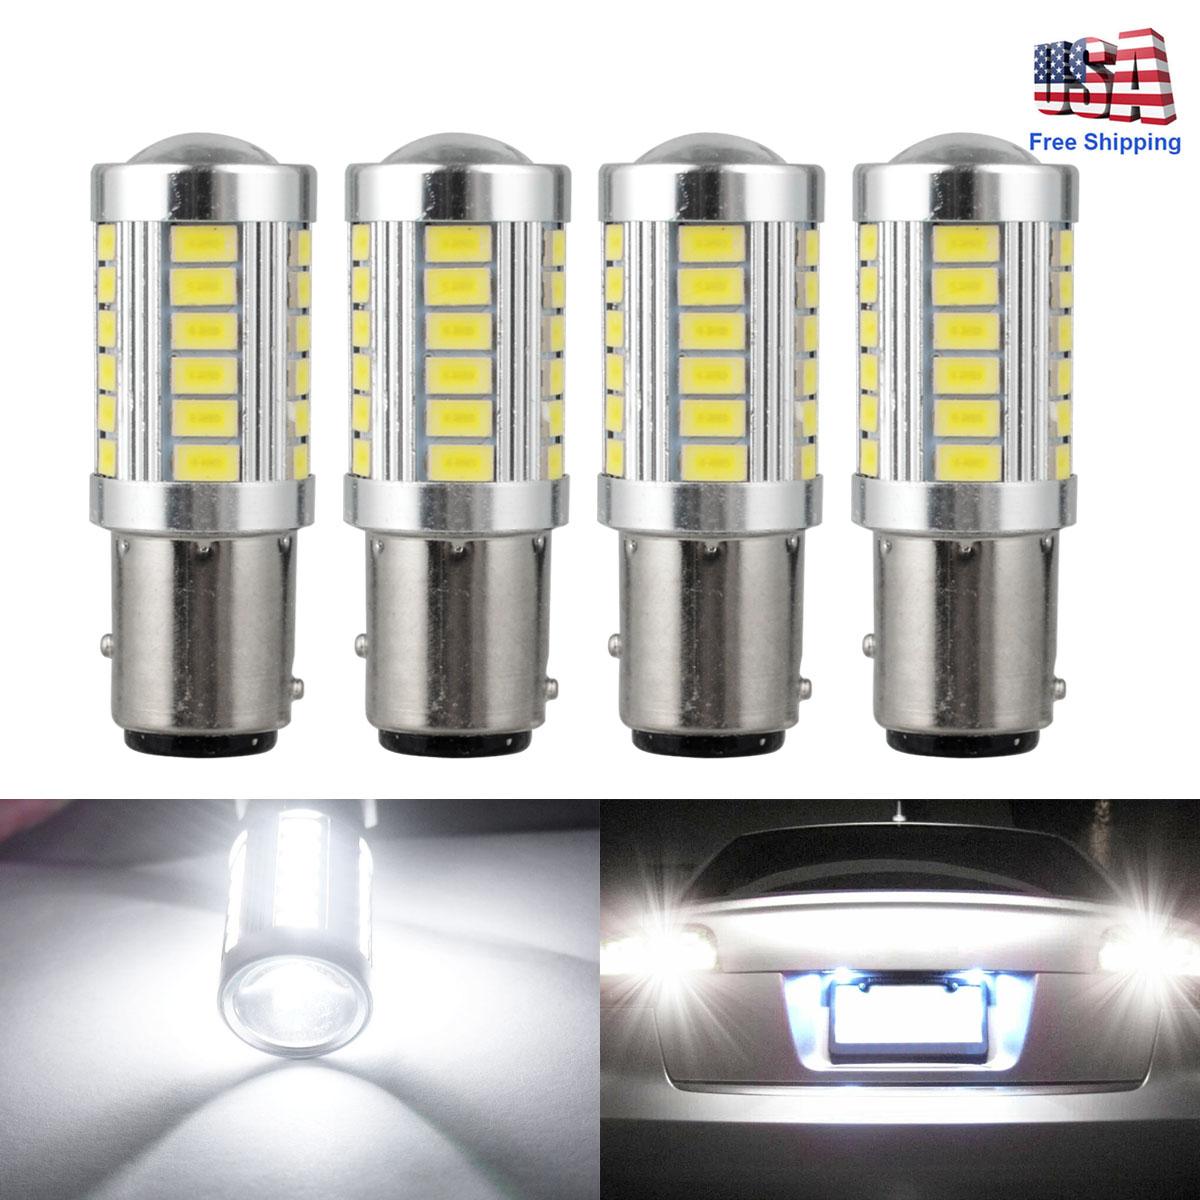 2pcs BA15D P21W 1157 33SMD LED Car Backup Reverse DRL Fog Head Light Bulb White